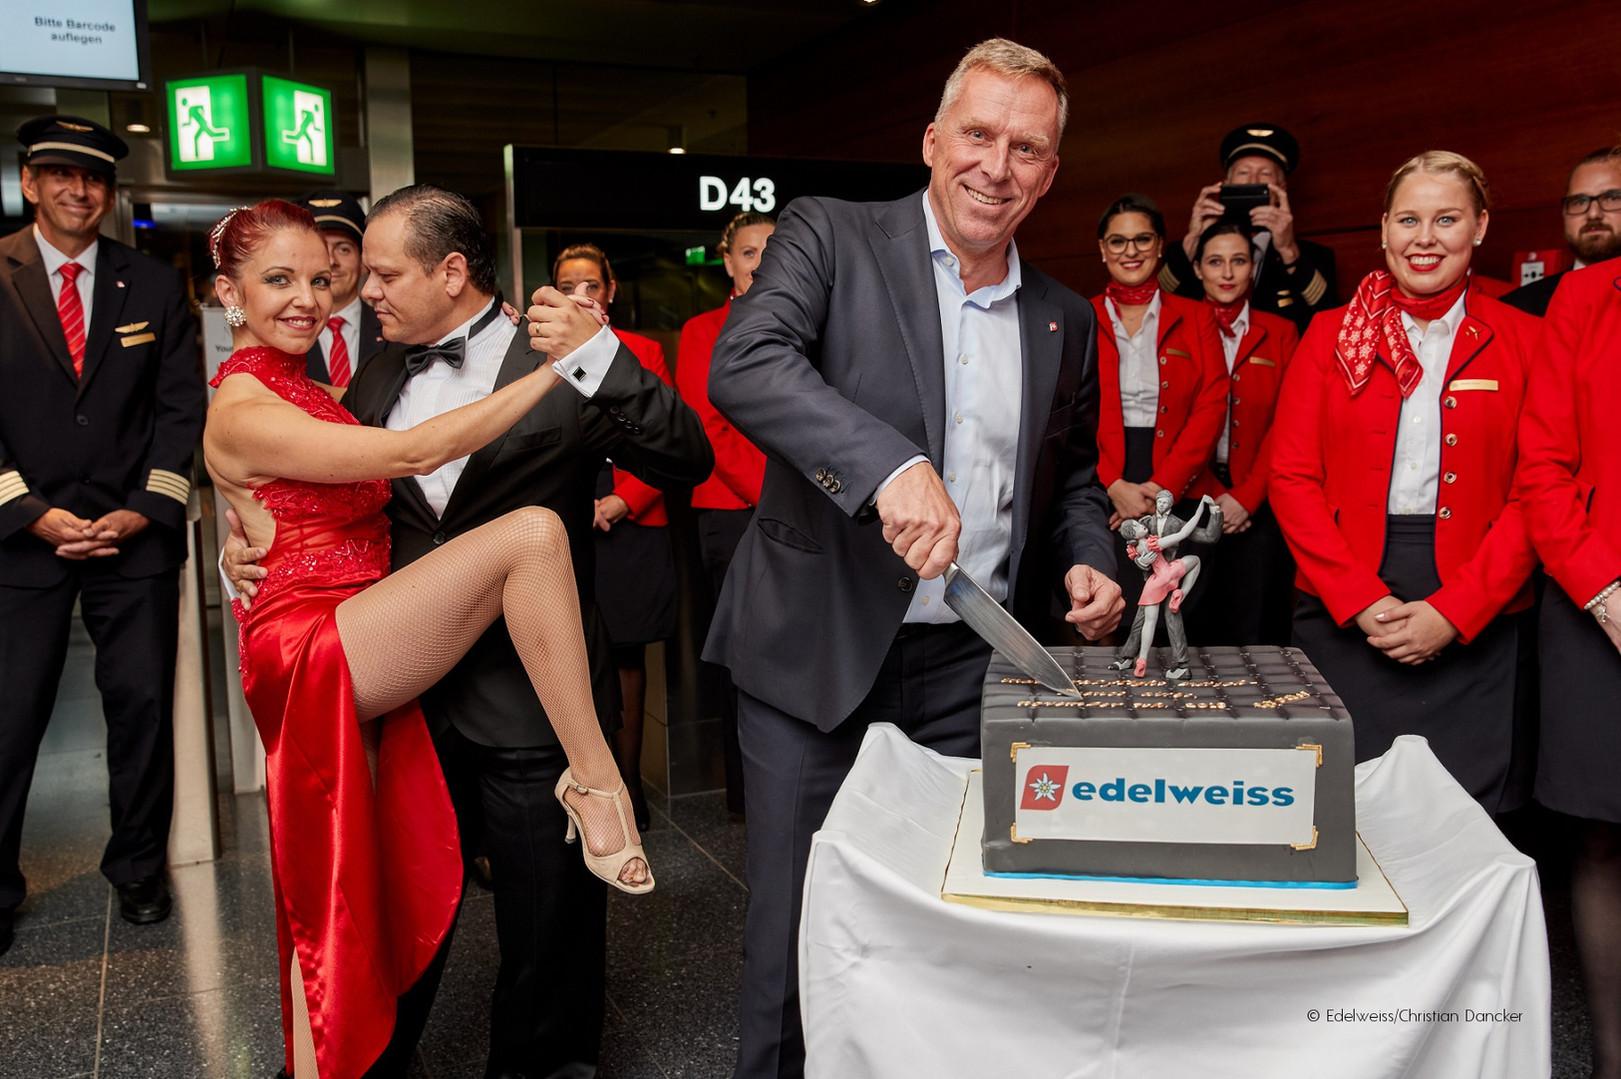 Edelweiss CEO Bernd Bauer beim Kuchenans